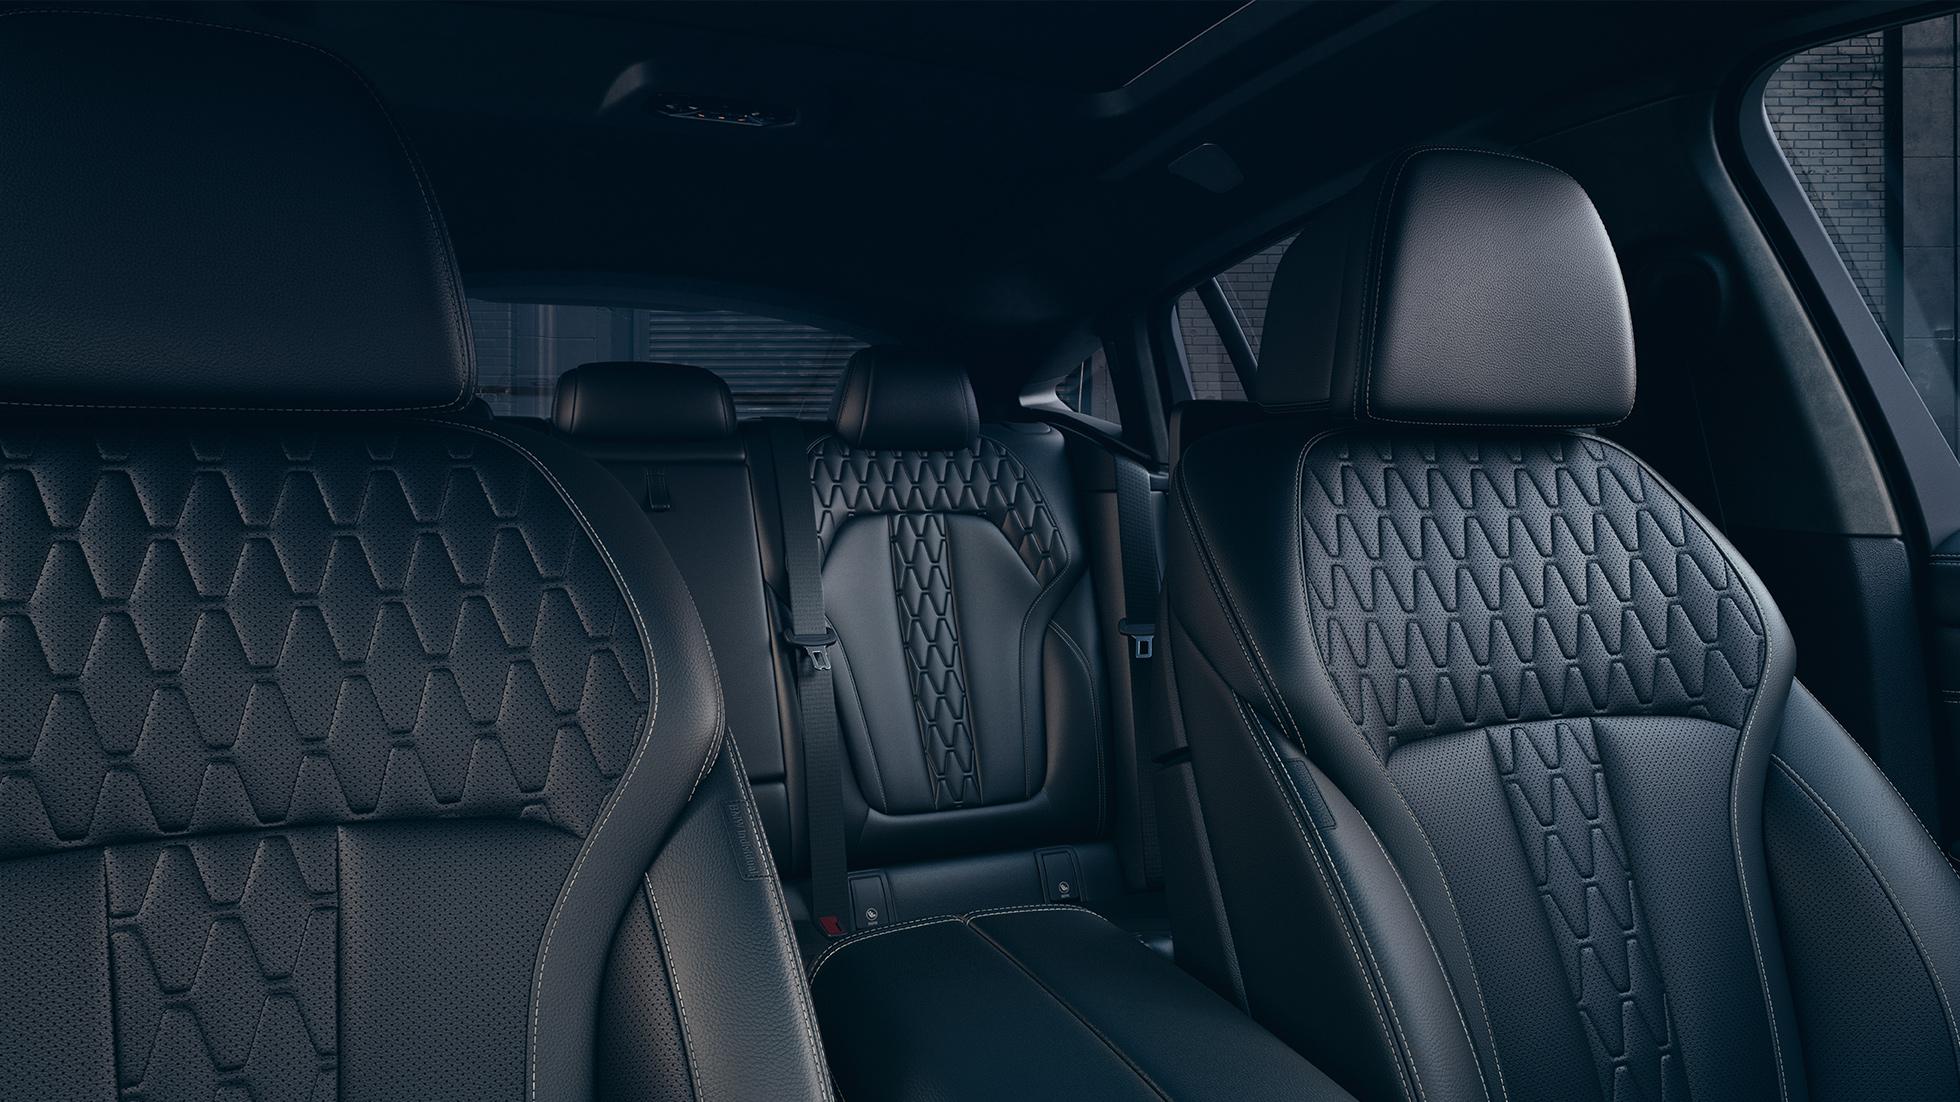 BMW X6, фотография интерьера с фокусом на отделке